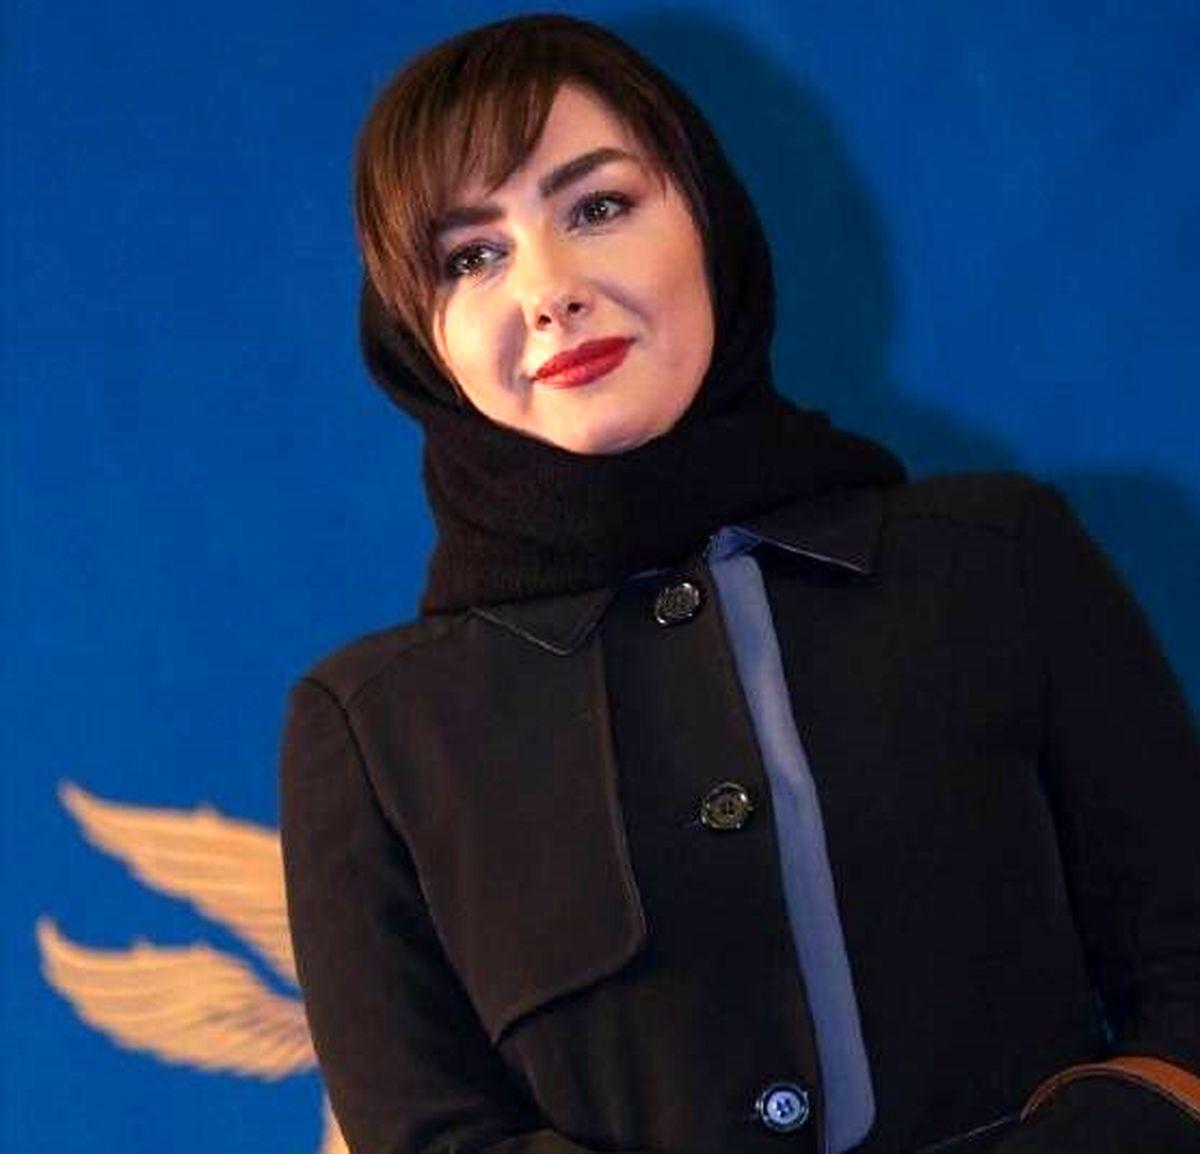 هانیه توسلی عاشق شد!+پست اینستاگرامی عاشقانه هانیه توسلی